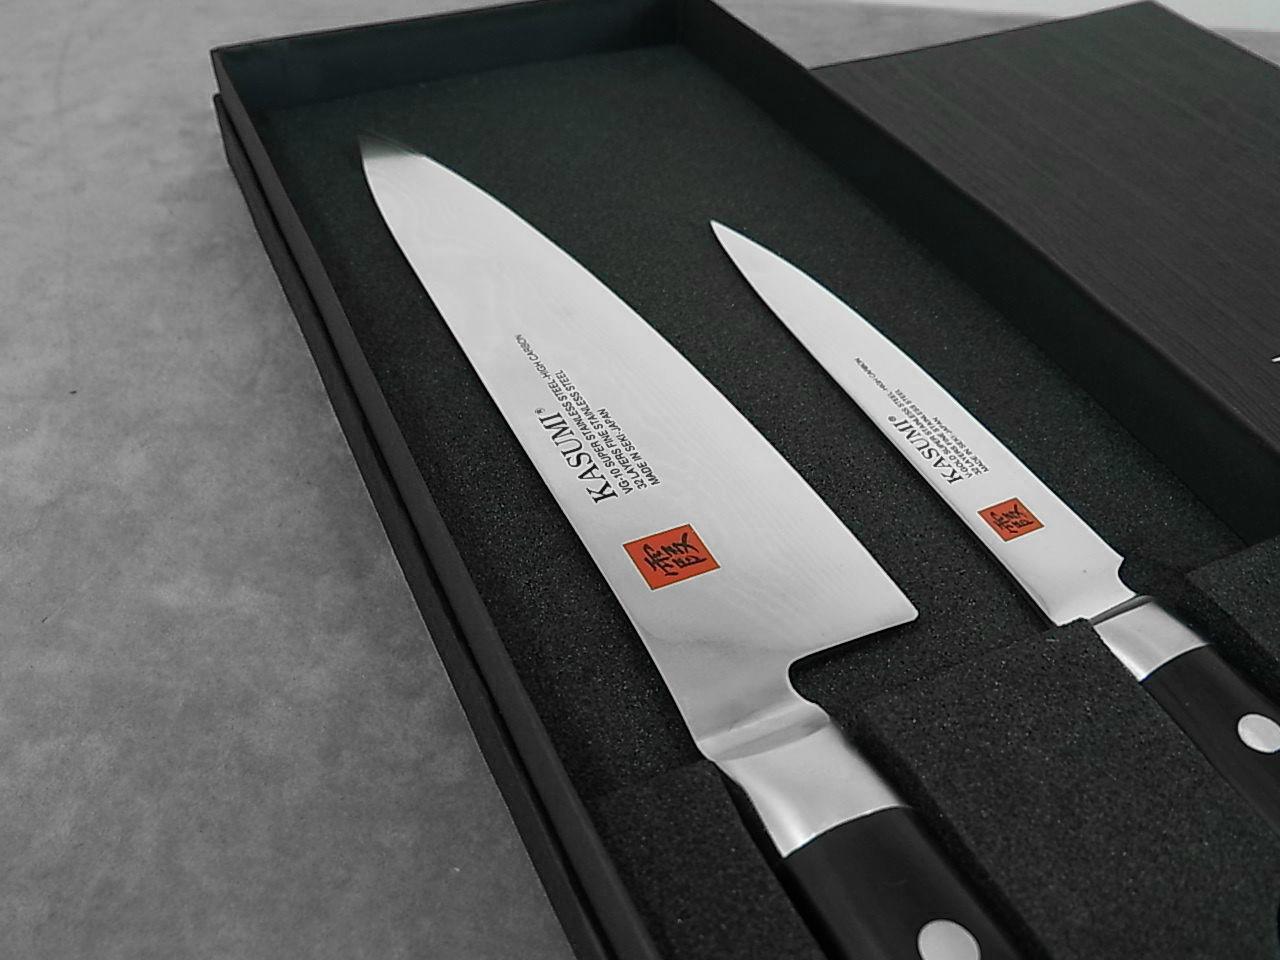 Coffret de deux couteaux de cuisine Kasumi standard 88020-12